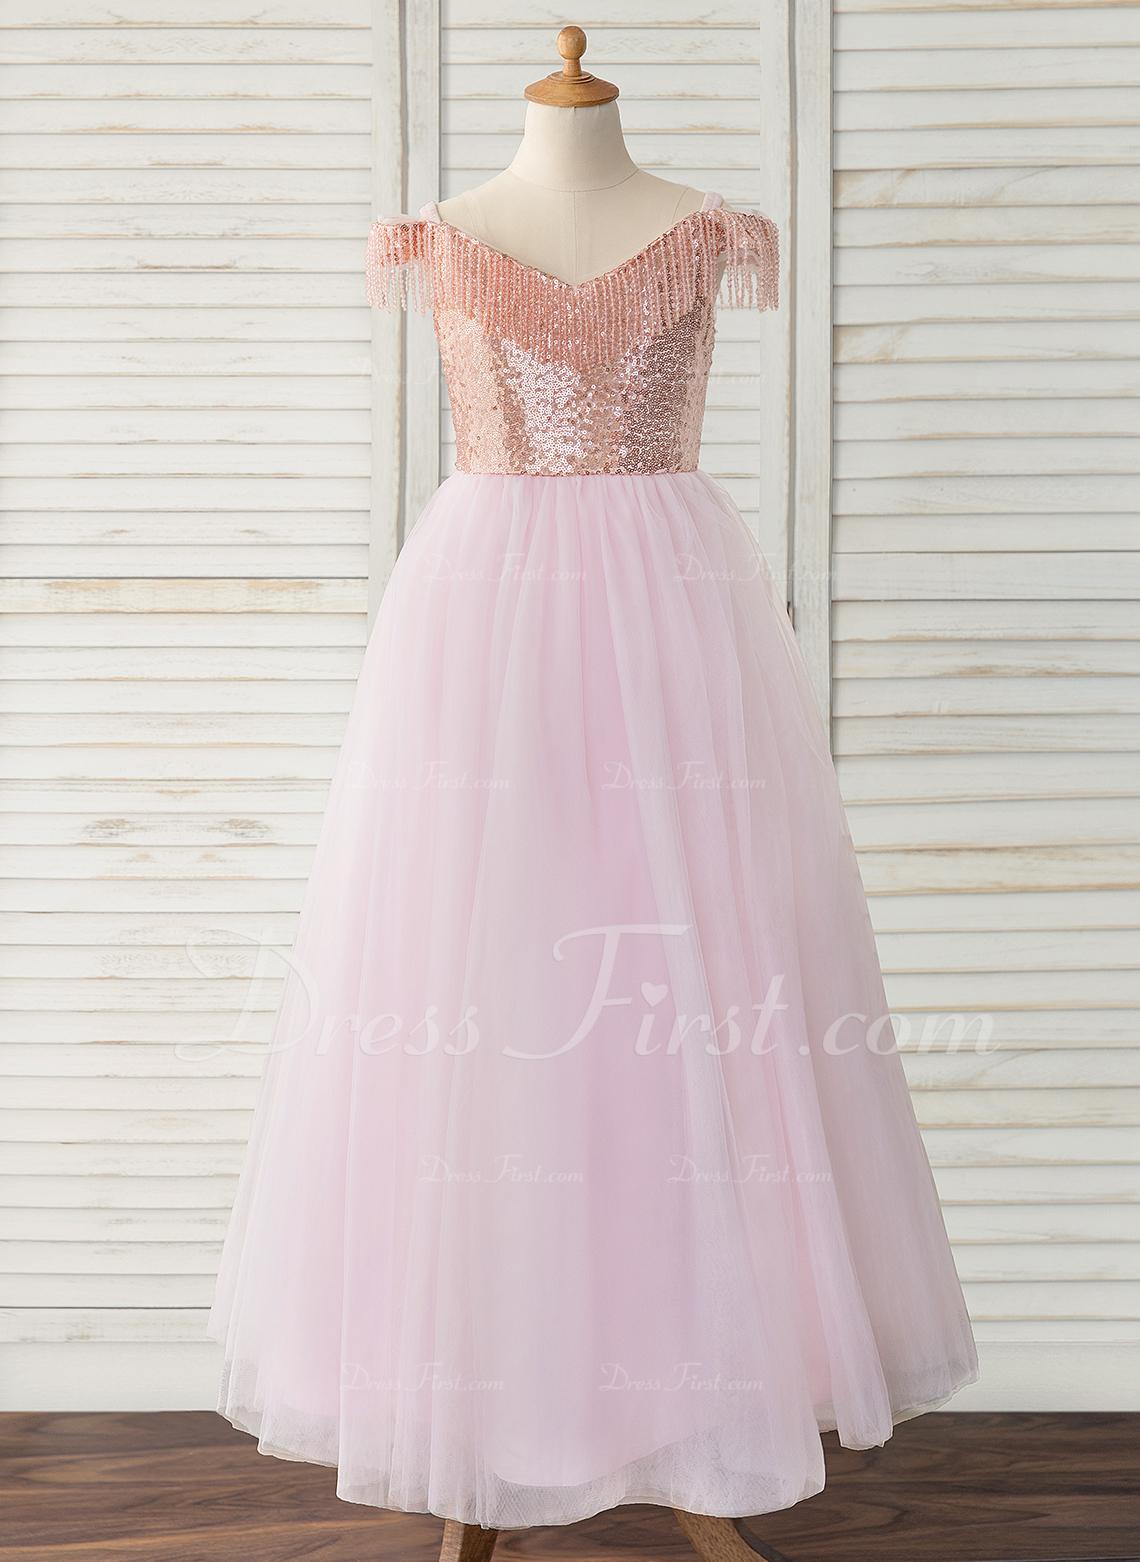 99e3615d1 De Baile Princesa Longos Vestidos de Menina das Flores - Tule ...